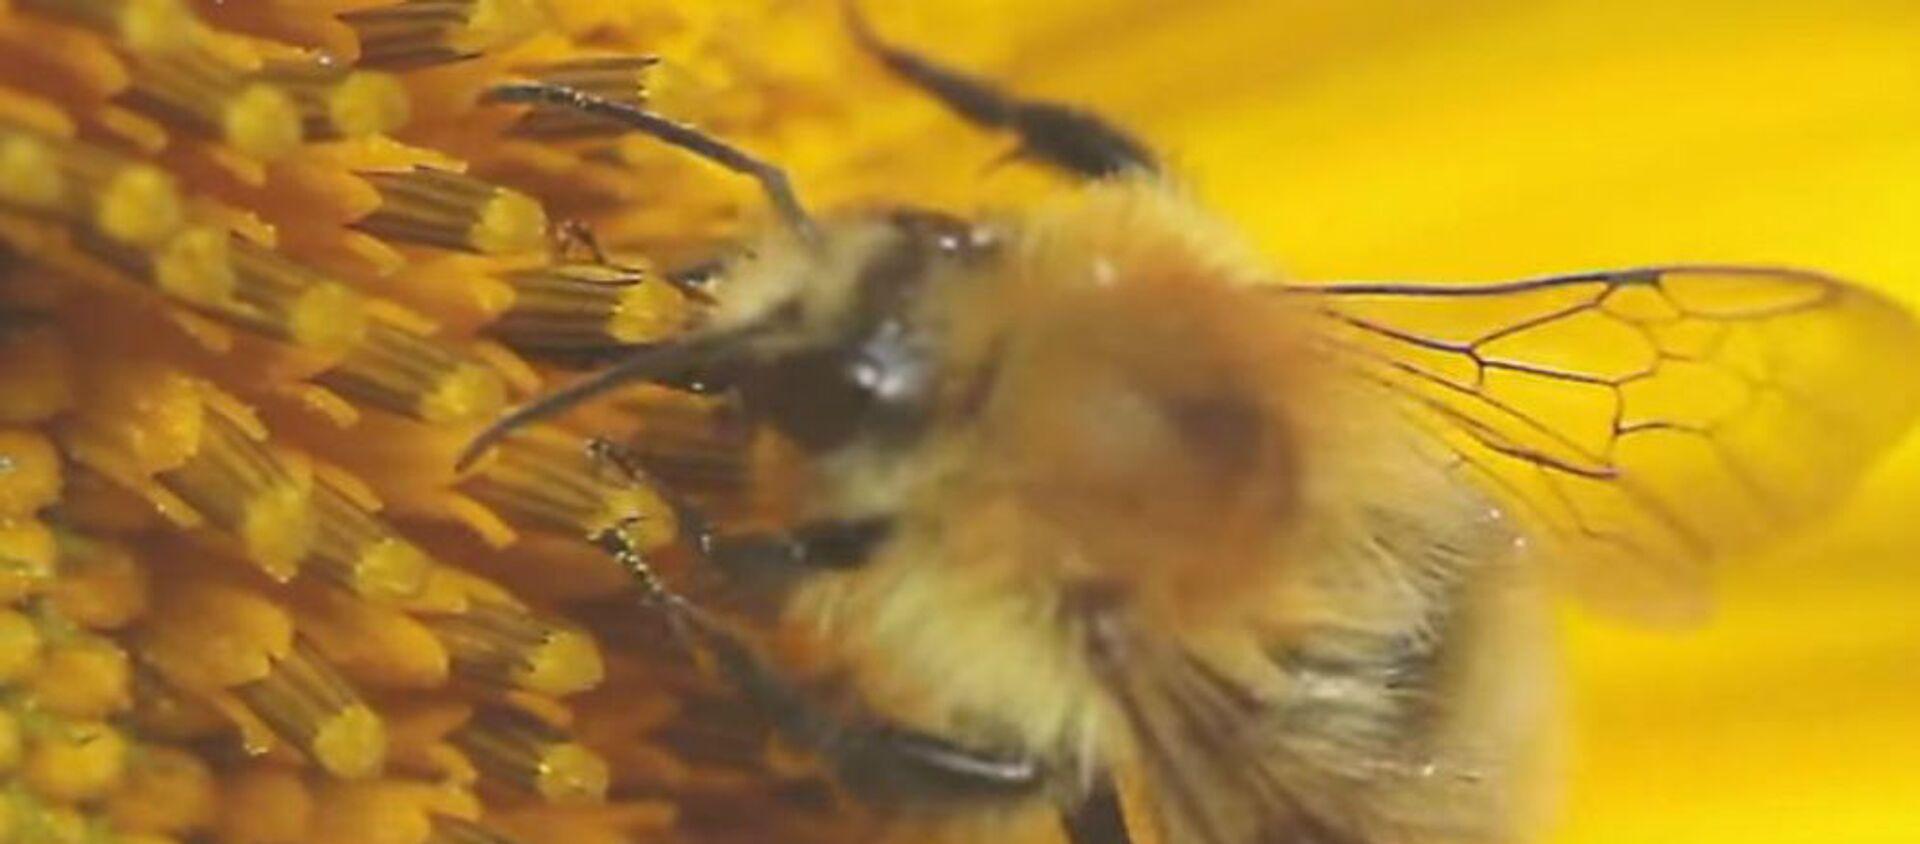 Μέλισσα μαζεύει γύρη - Sputnik Ελλάδα, 1920, 11.10.2019